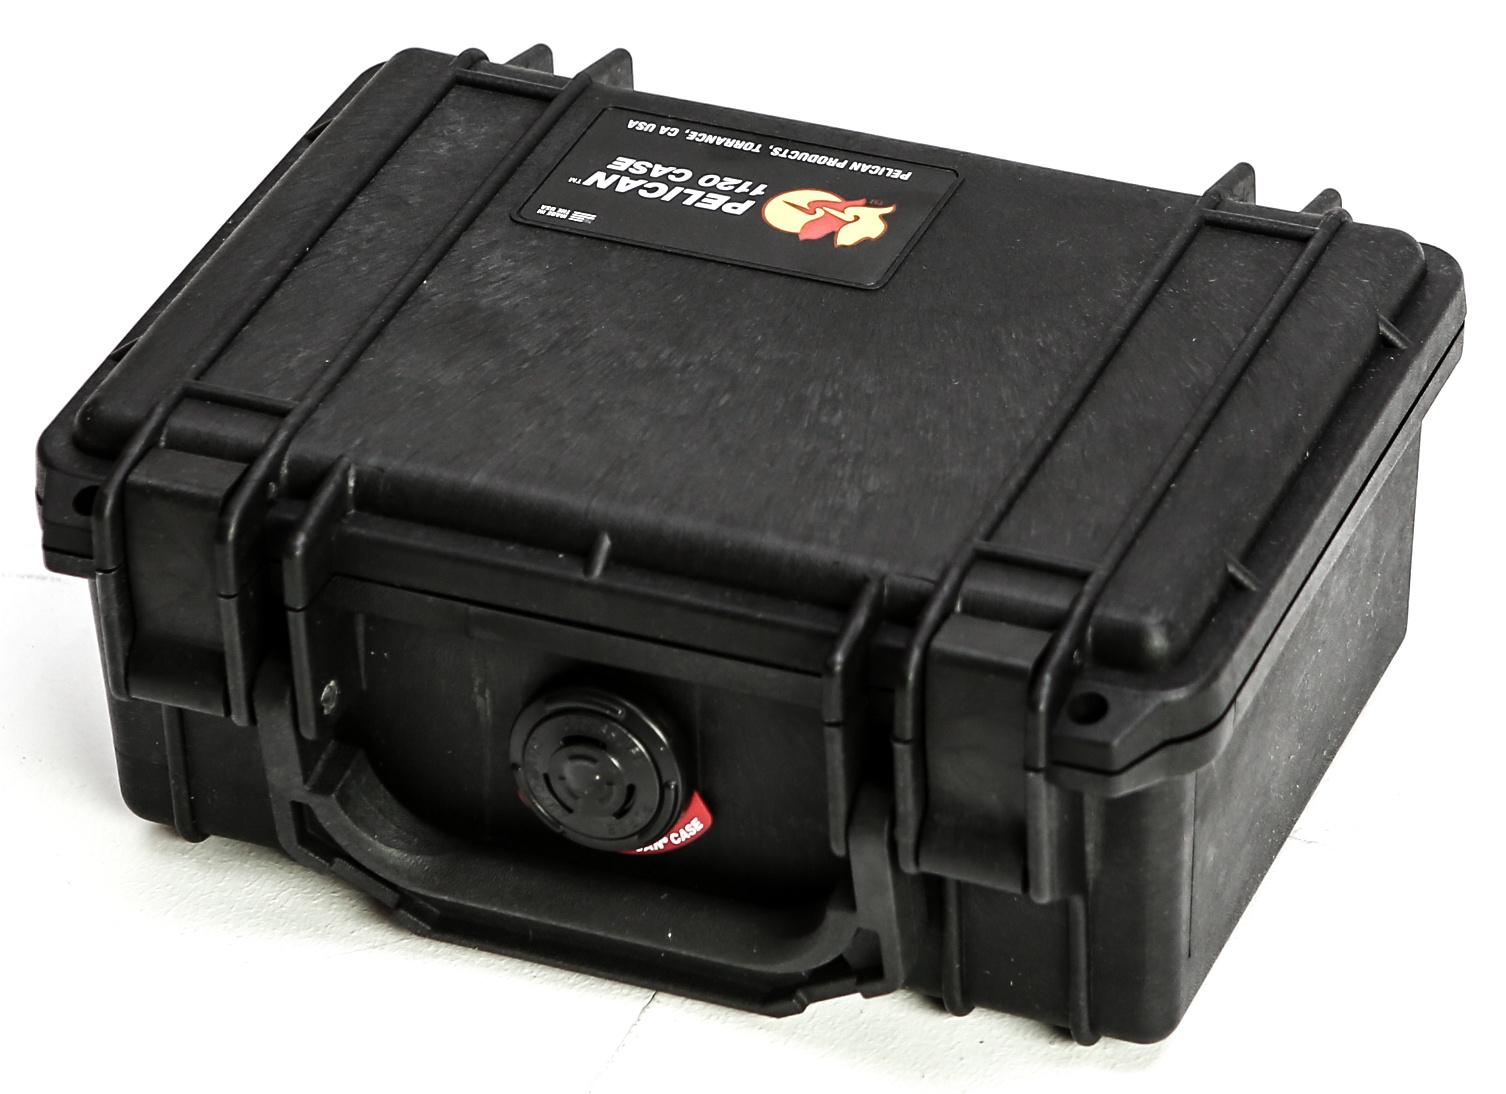 Pelican 1120 Case without Foam (Black)